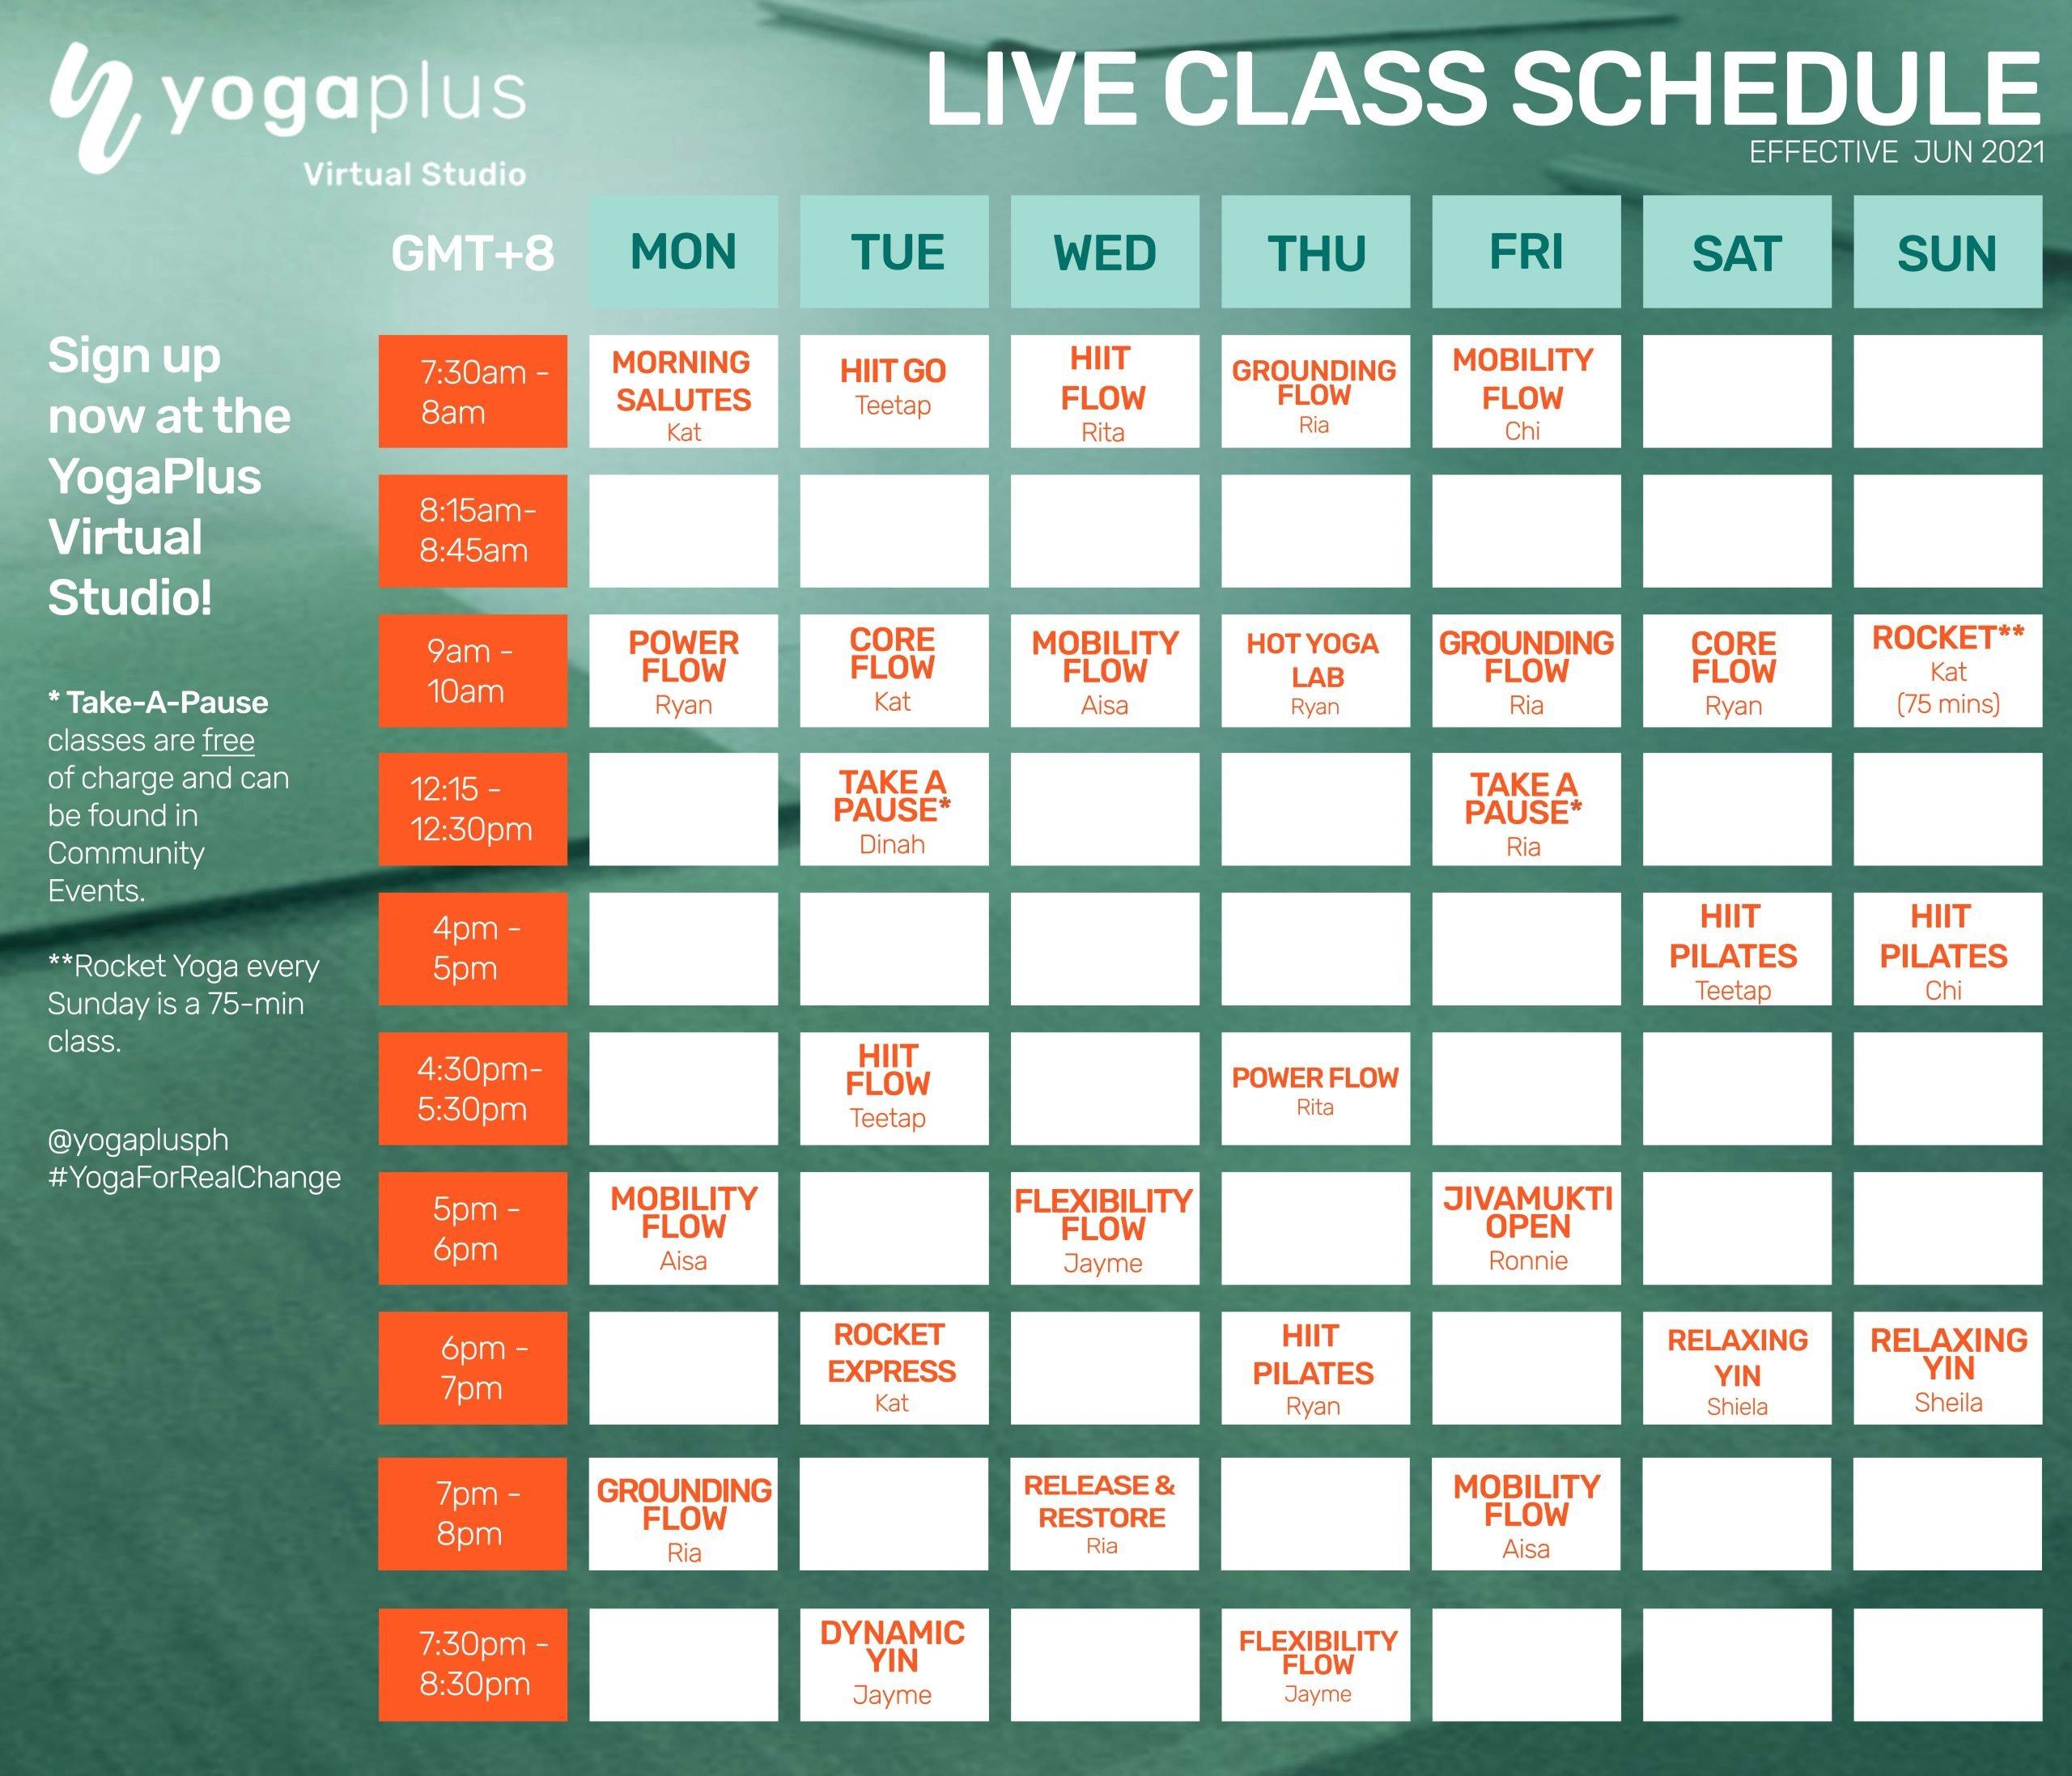 live class schedule